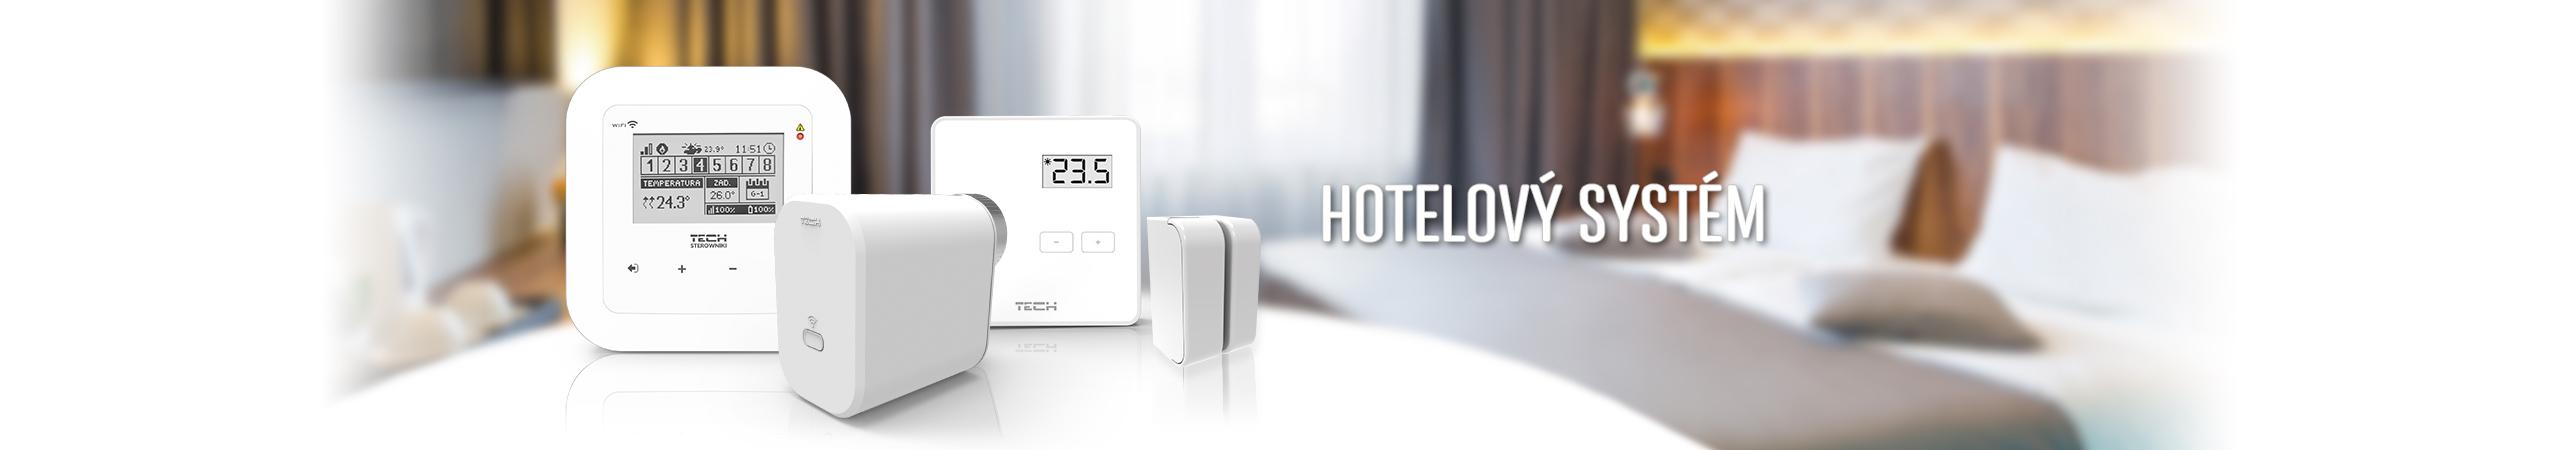 Hotelový systém - TECH Sterowniki